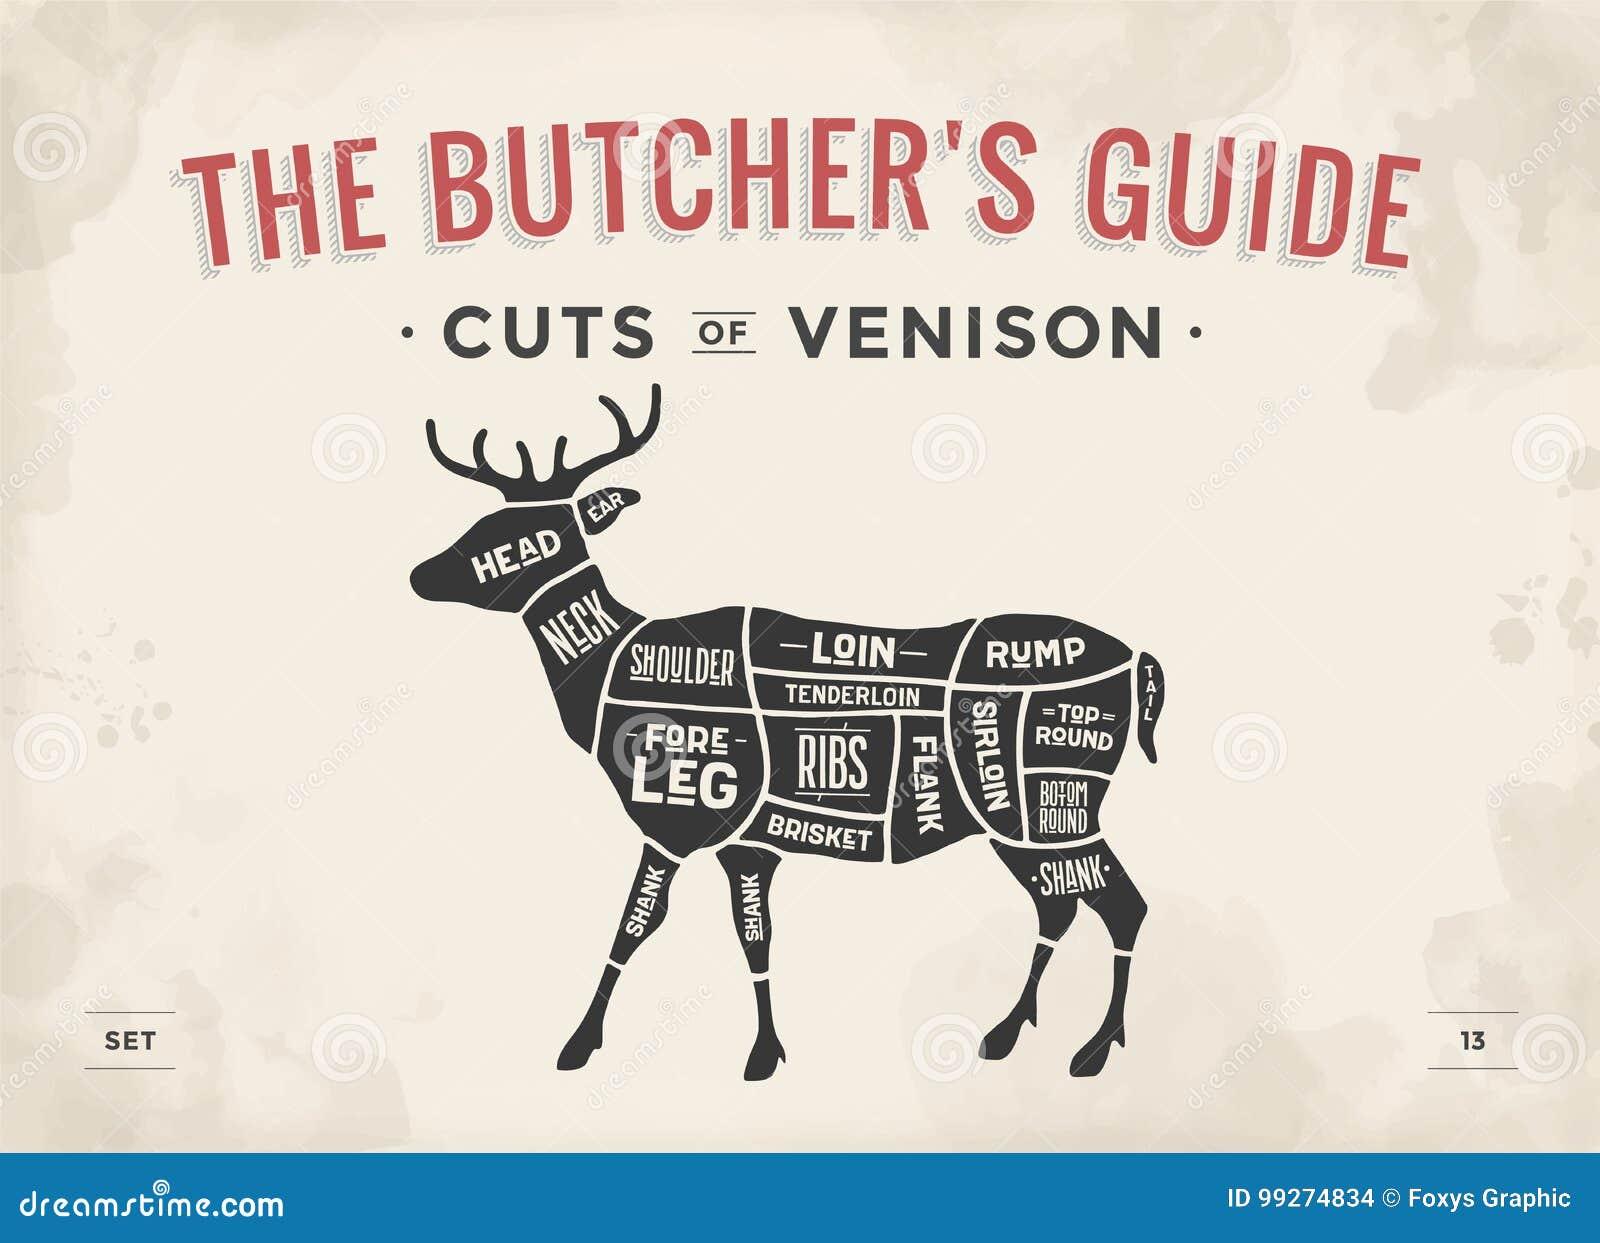 cut of meat set poster butcher diagram scheme venison stock rh dreamstime com Whitetail Deer Butchering Diagram Diagram of Processing Deer Meat